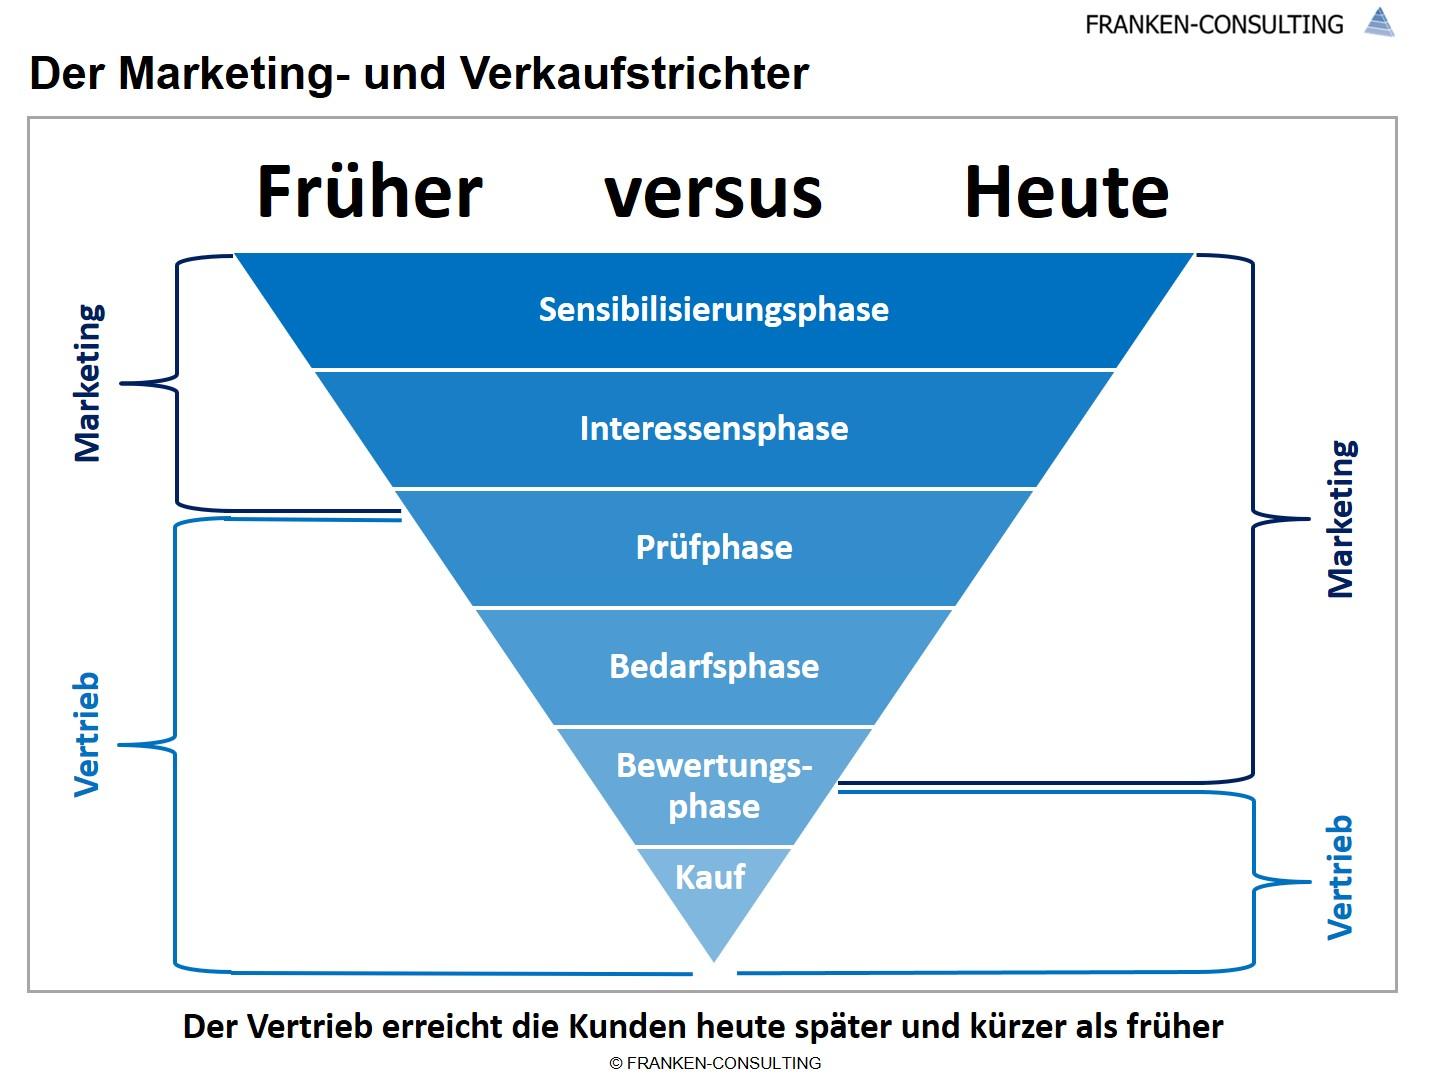 Franken-Consulting Verkaufstrichter